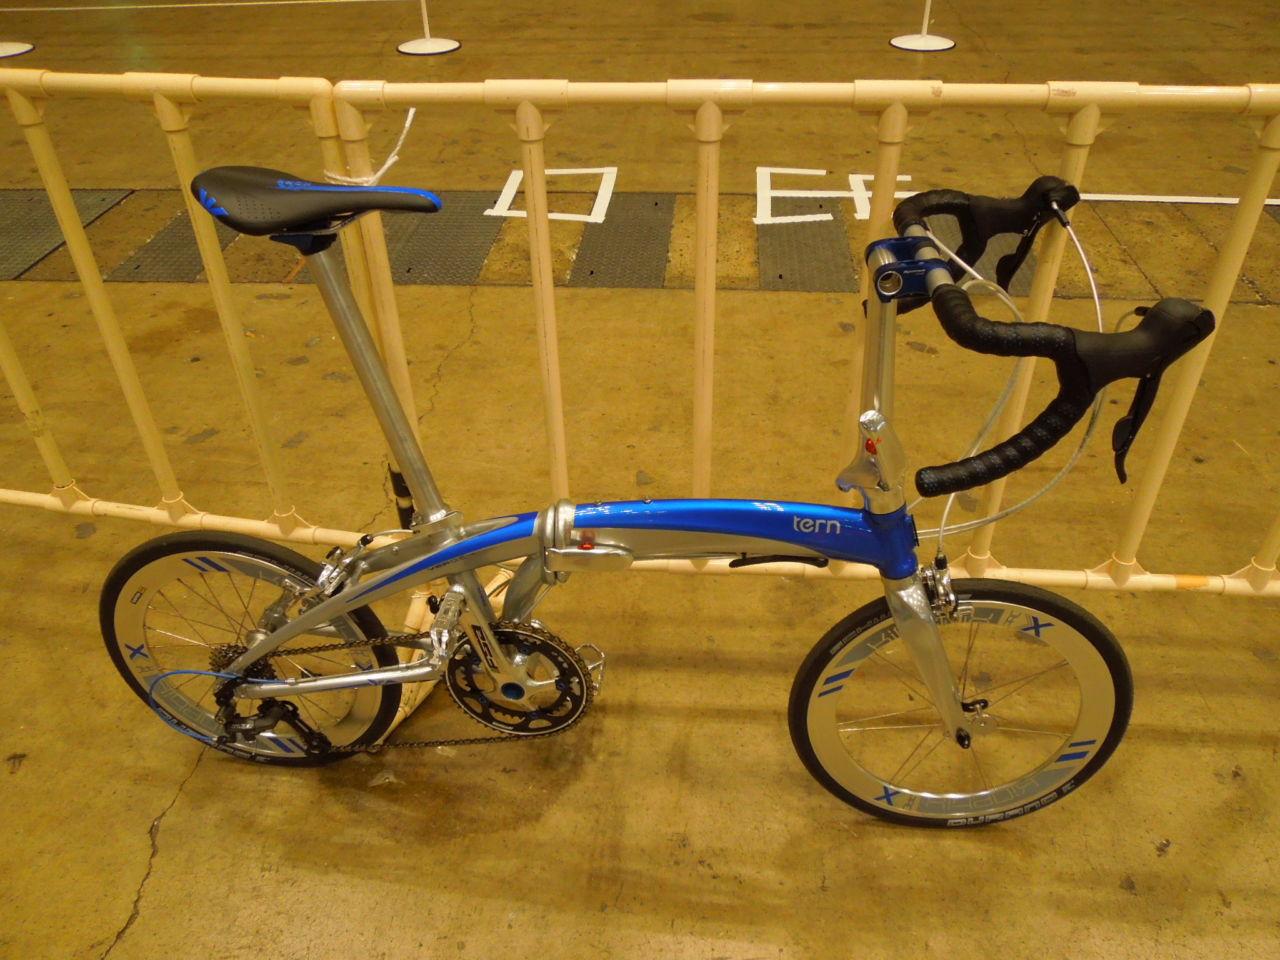 純正カスタムバイクと言える存在の折りたたみロードバイク Tern Verge X18